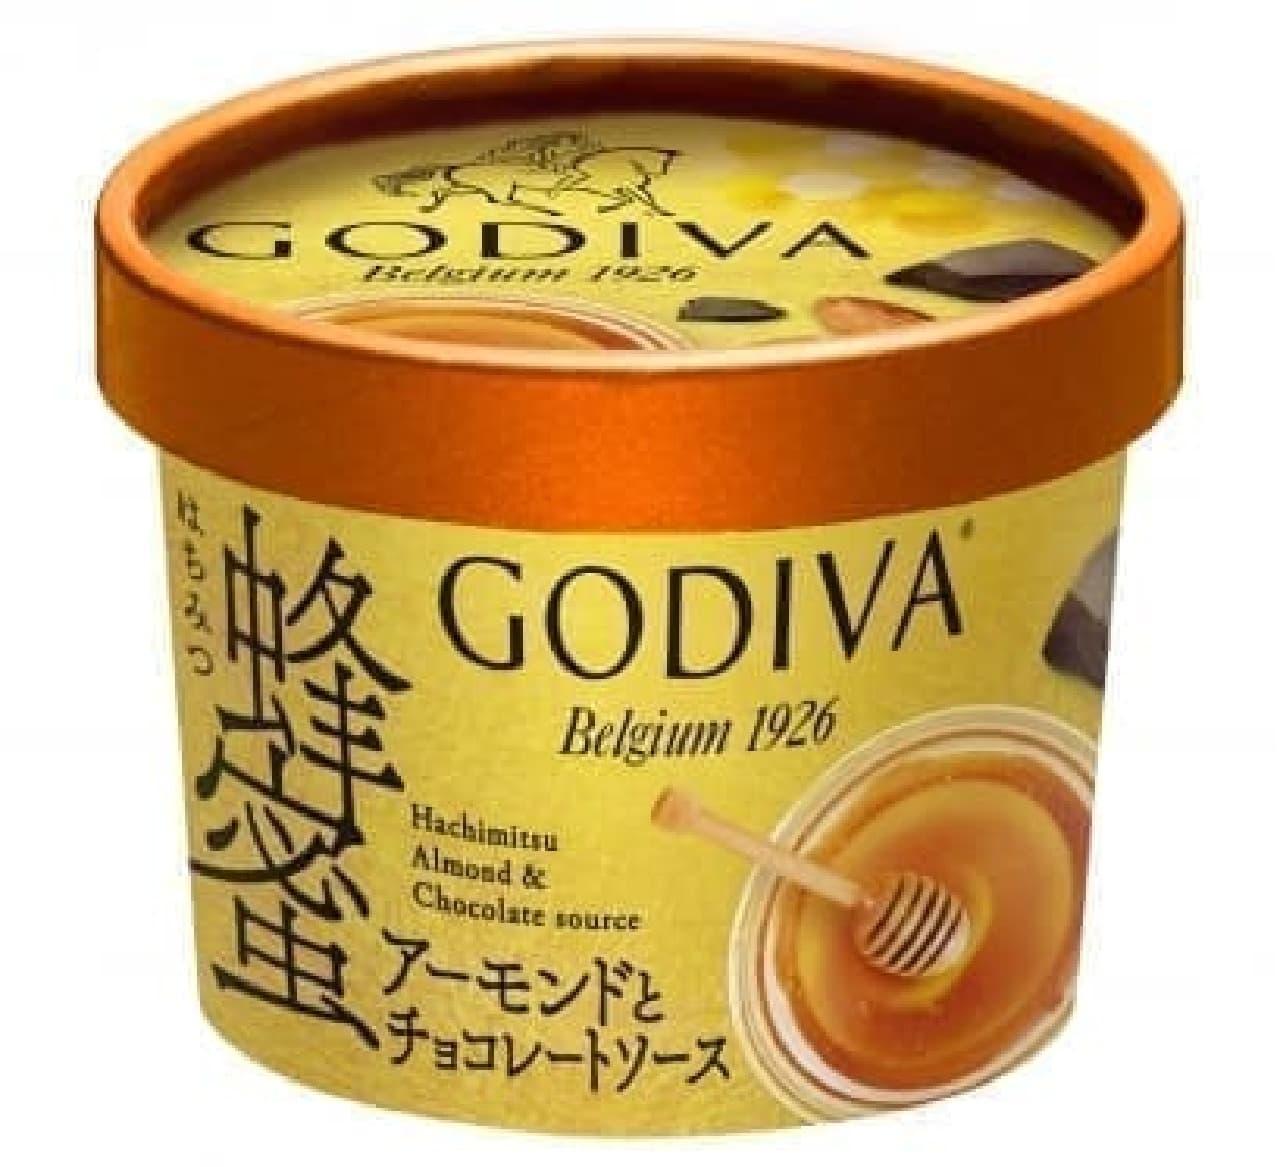 ゴディバ カップアイス「蜂蜜アーモンドとチョコレートソース」